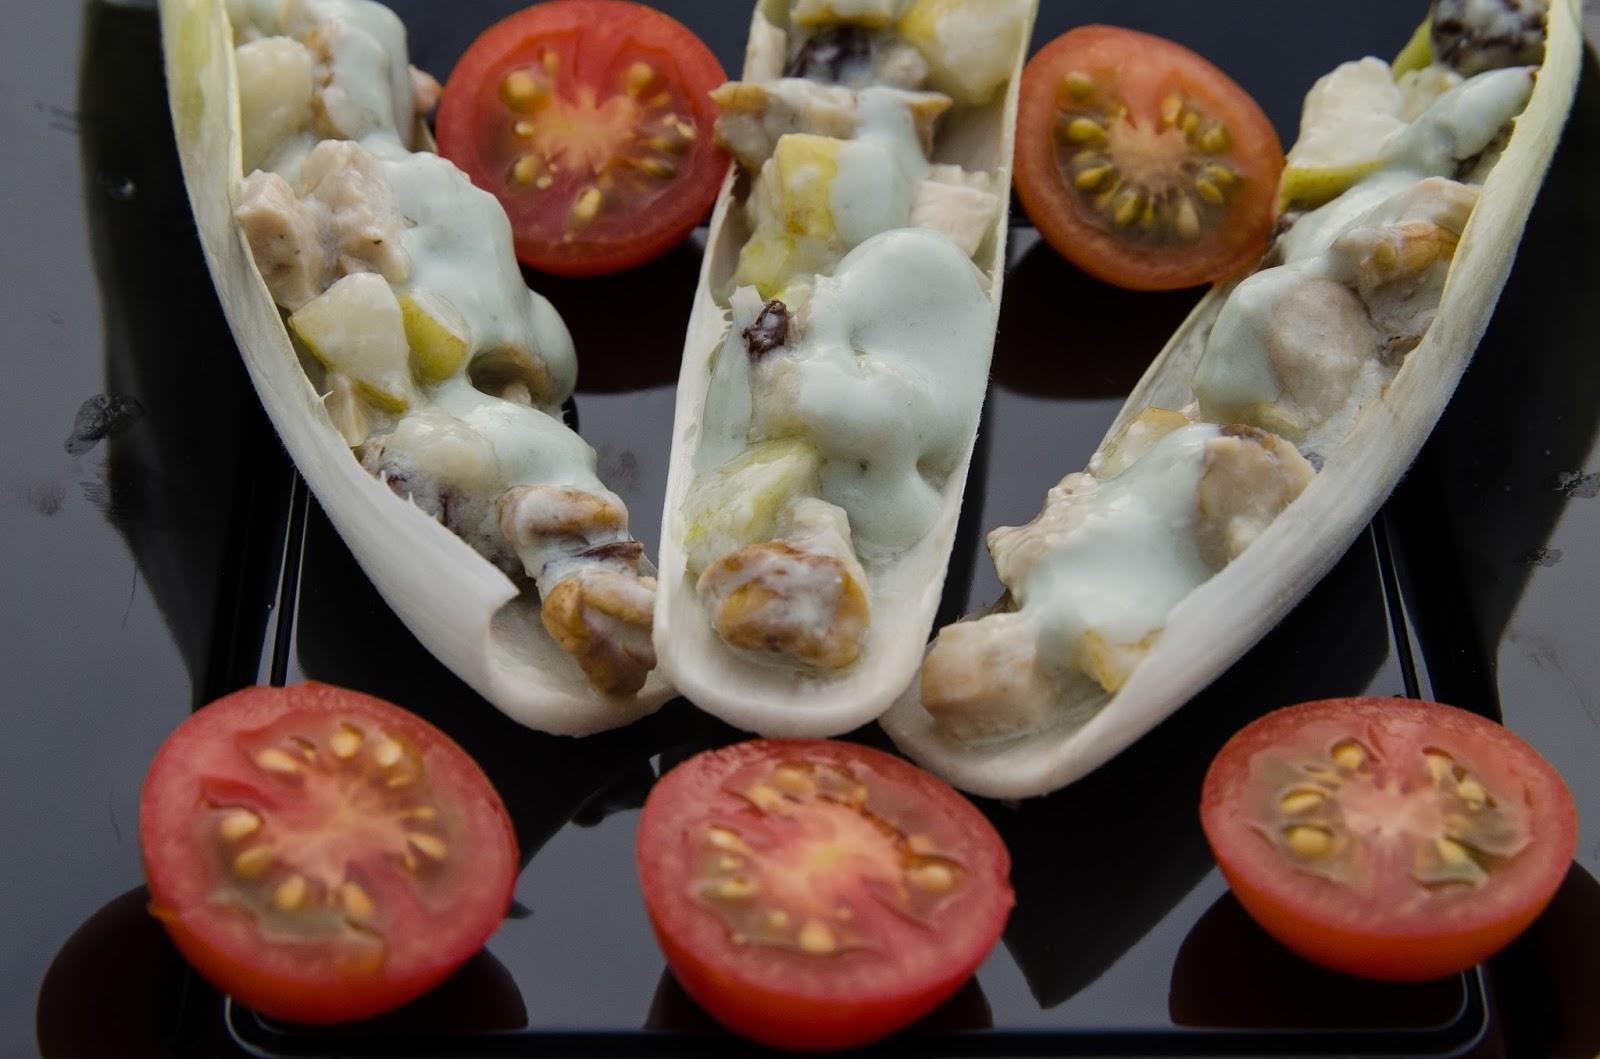 ensalada-endivias-roquefort-pollo-nueces-pera-receta-ligera-recetas-faciles-bruja